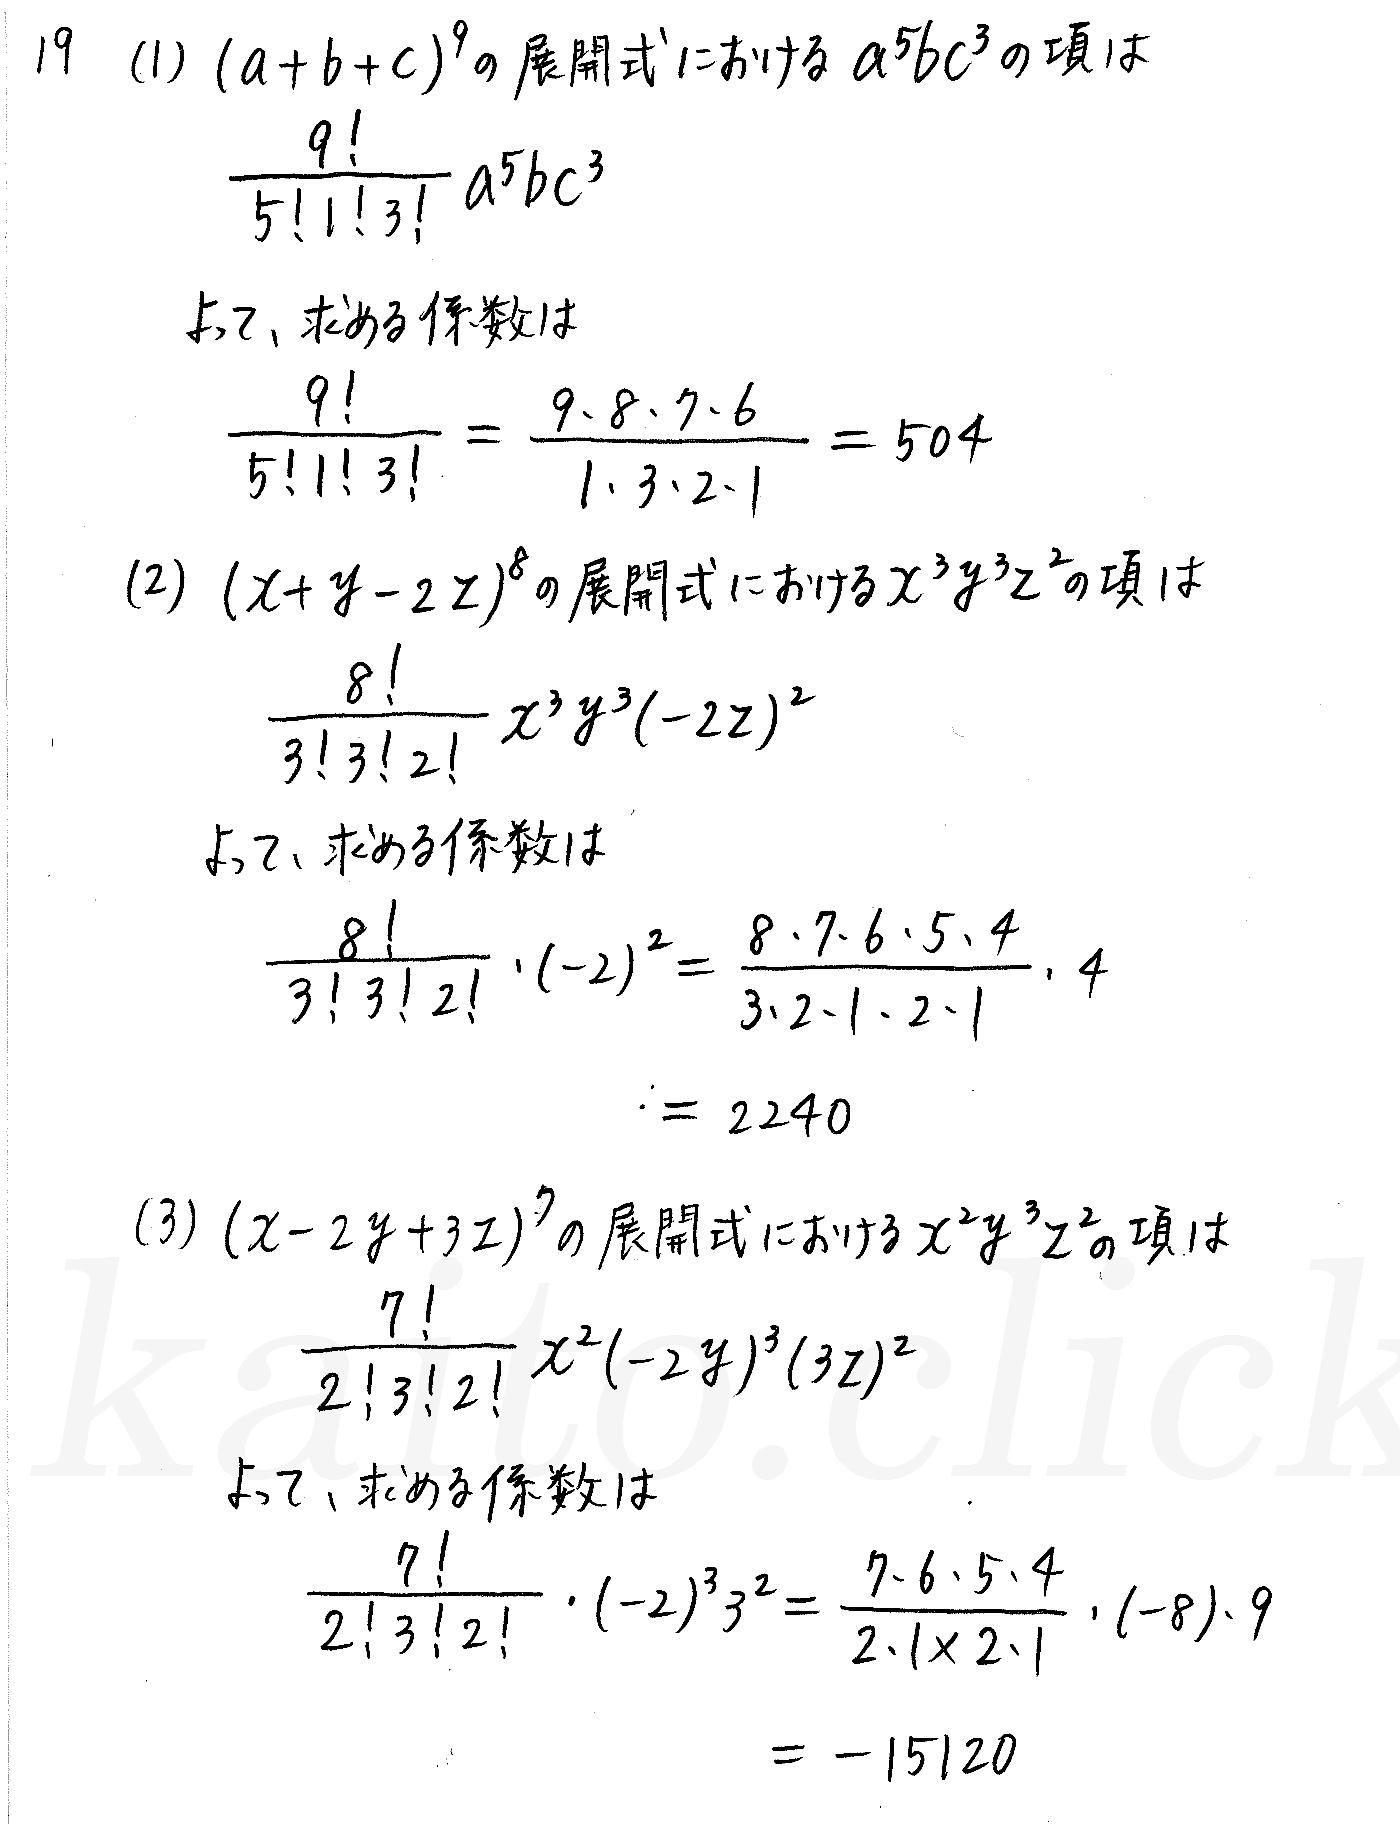 クリアー数学2-19解答